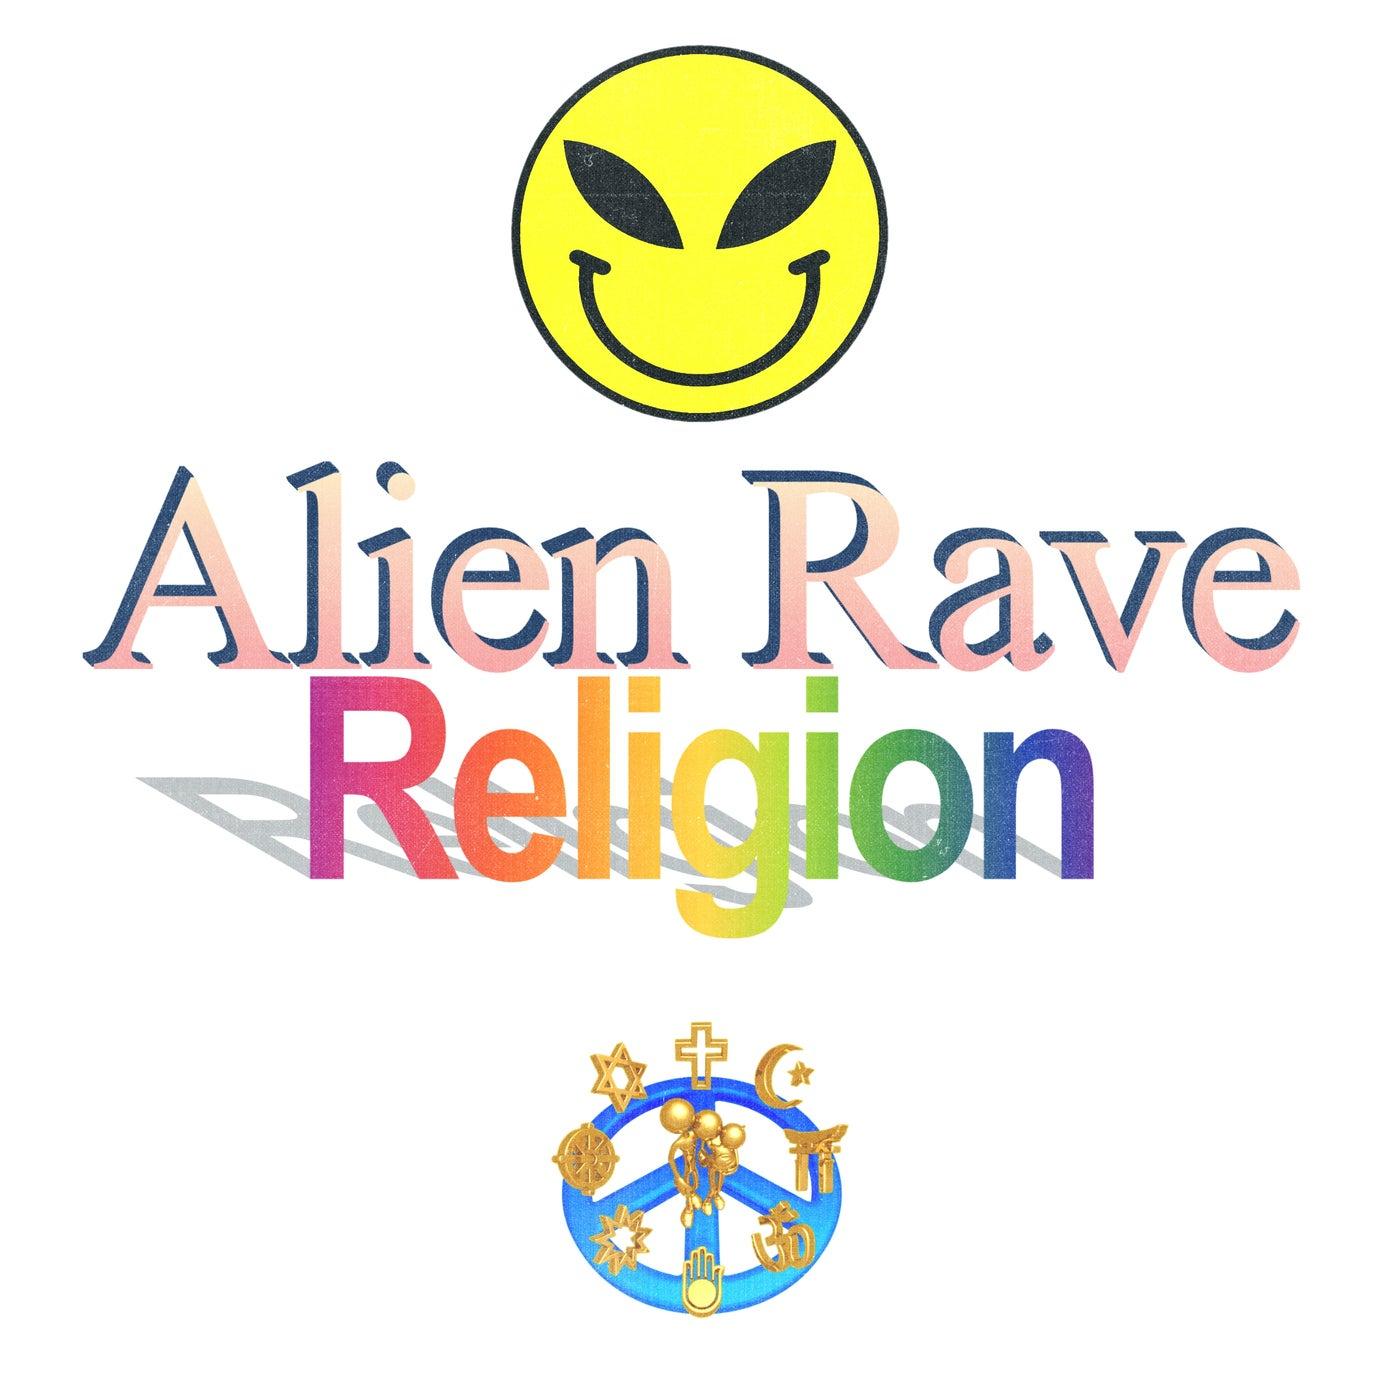 Religion (Original Mix)